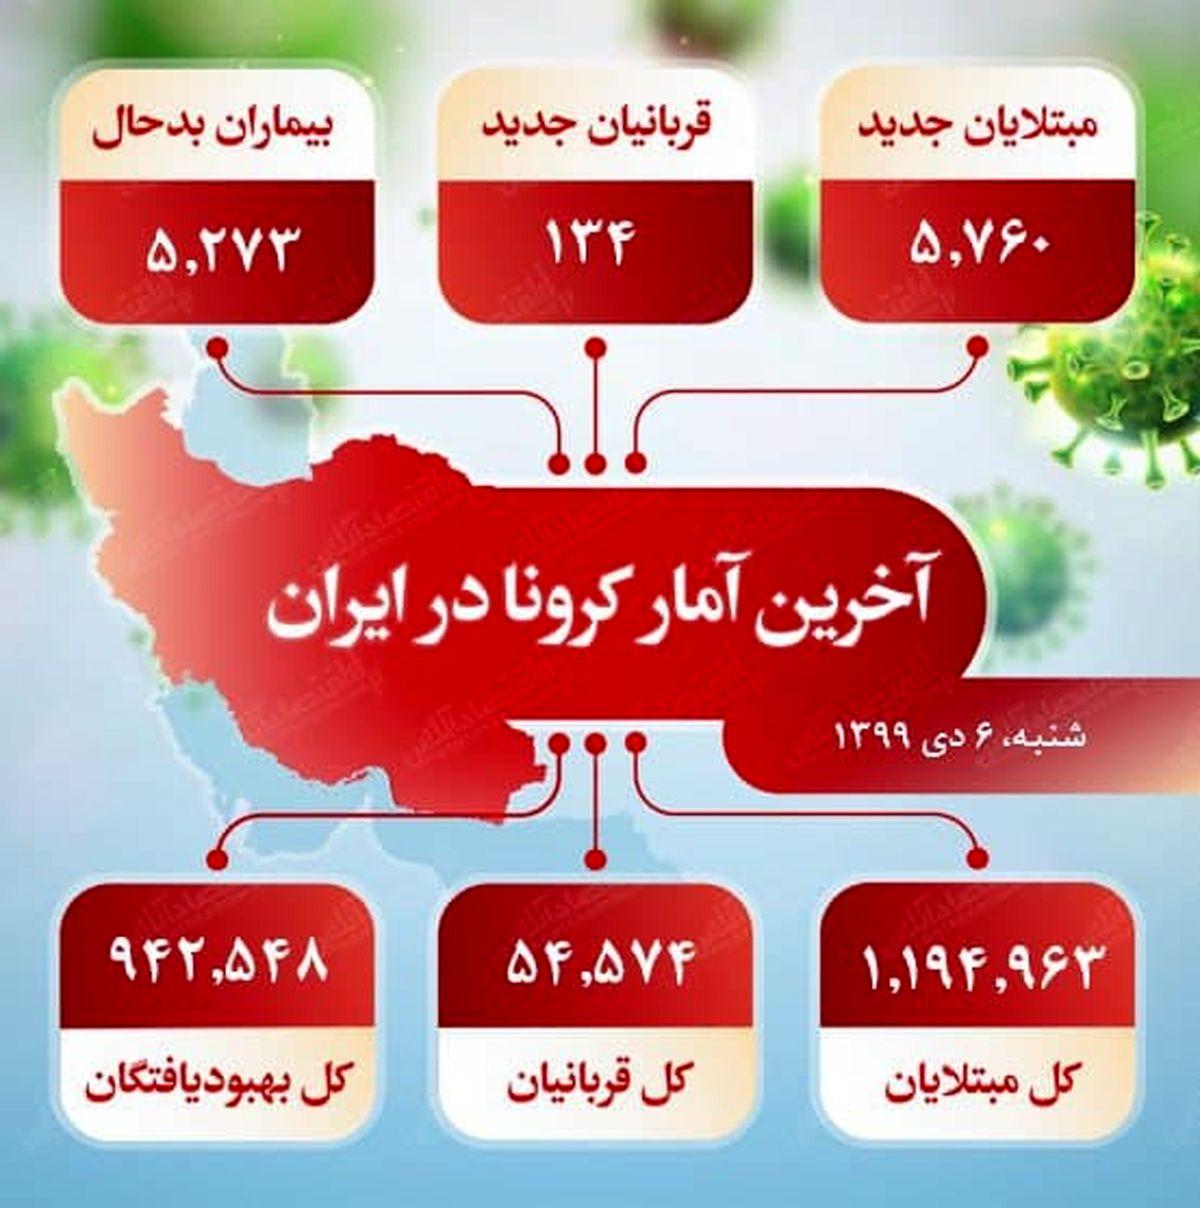 آخرین آمار کرونا در ایران (۹۹/۱۰/۶)